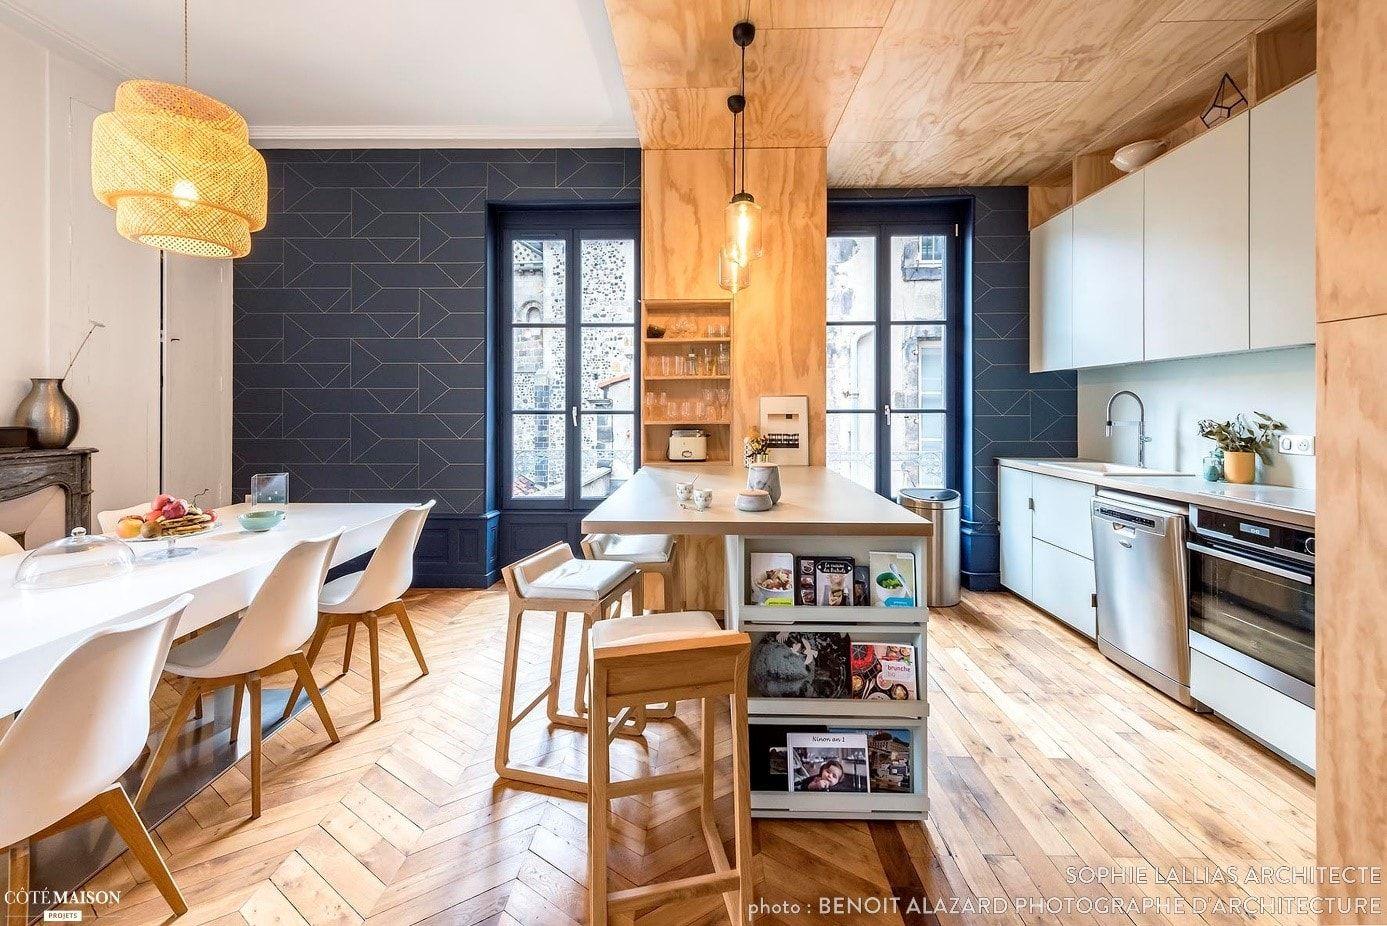 Aménagement De Cuisine Ouverte Sur Salon cuisine ouverte sur salon : photos et conseils d'aménagement